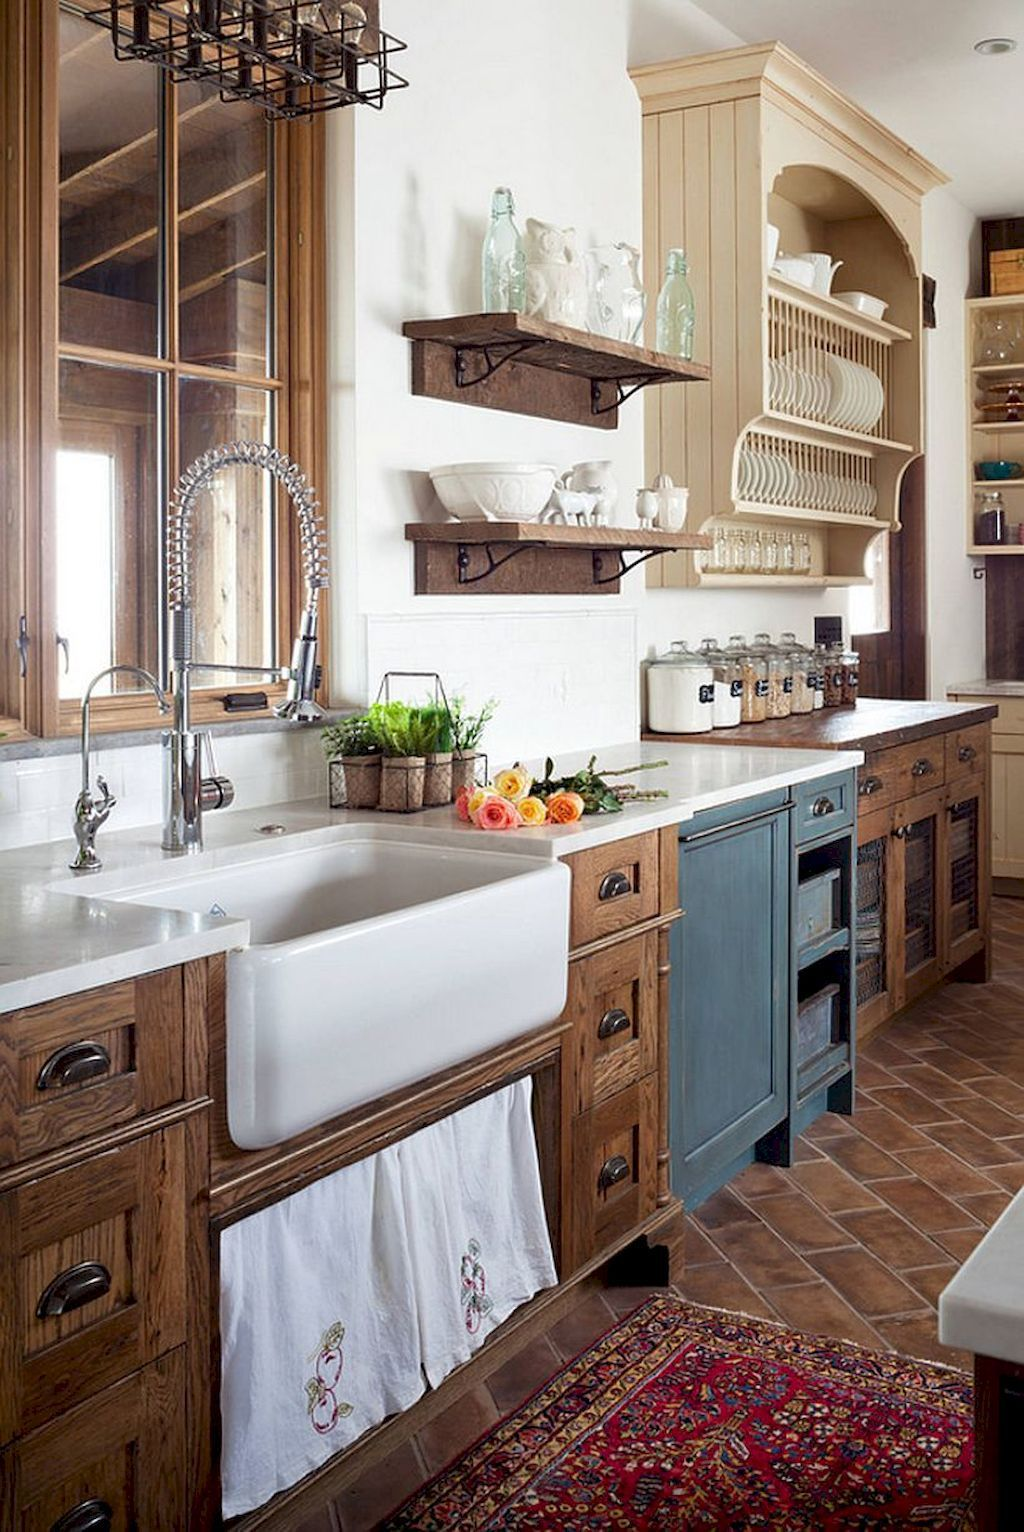 50 elegant farmhouse kitchen decor ideas 24